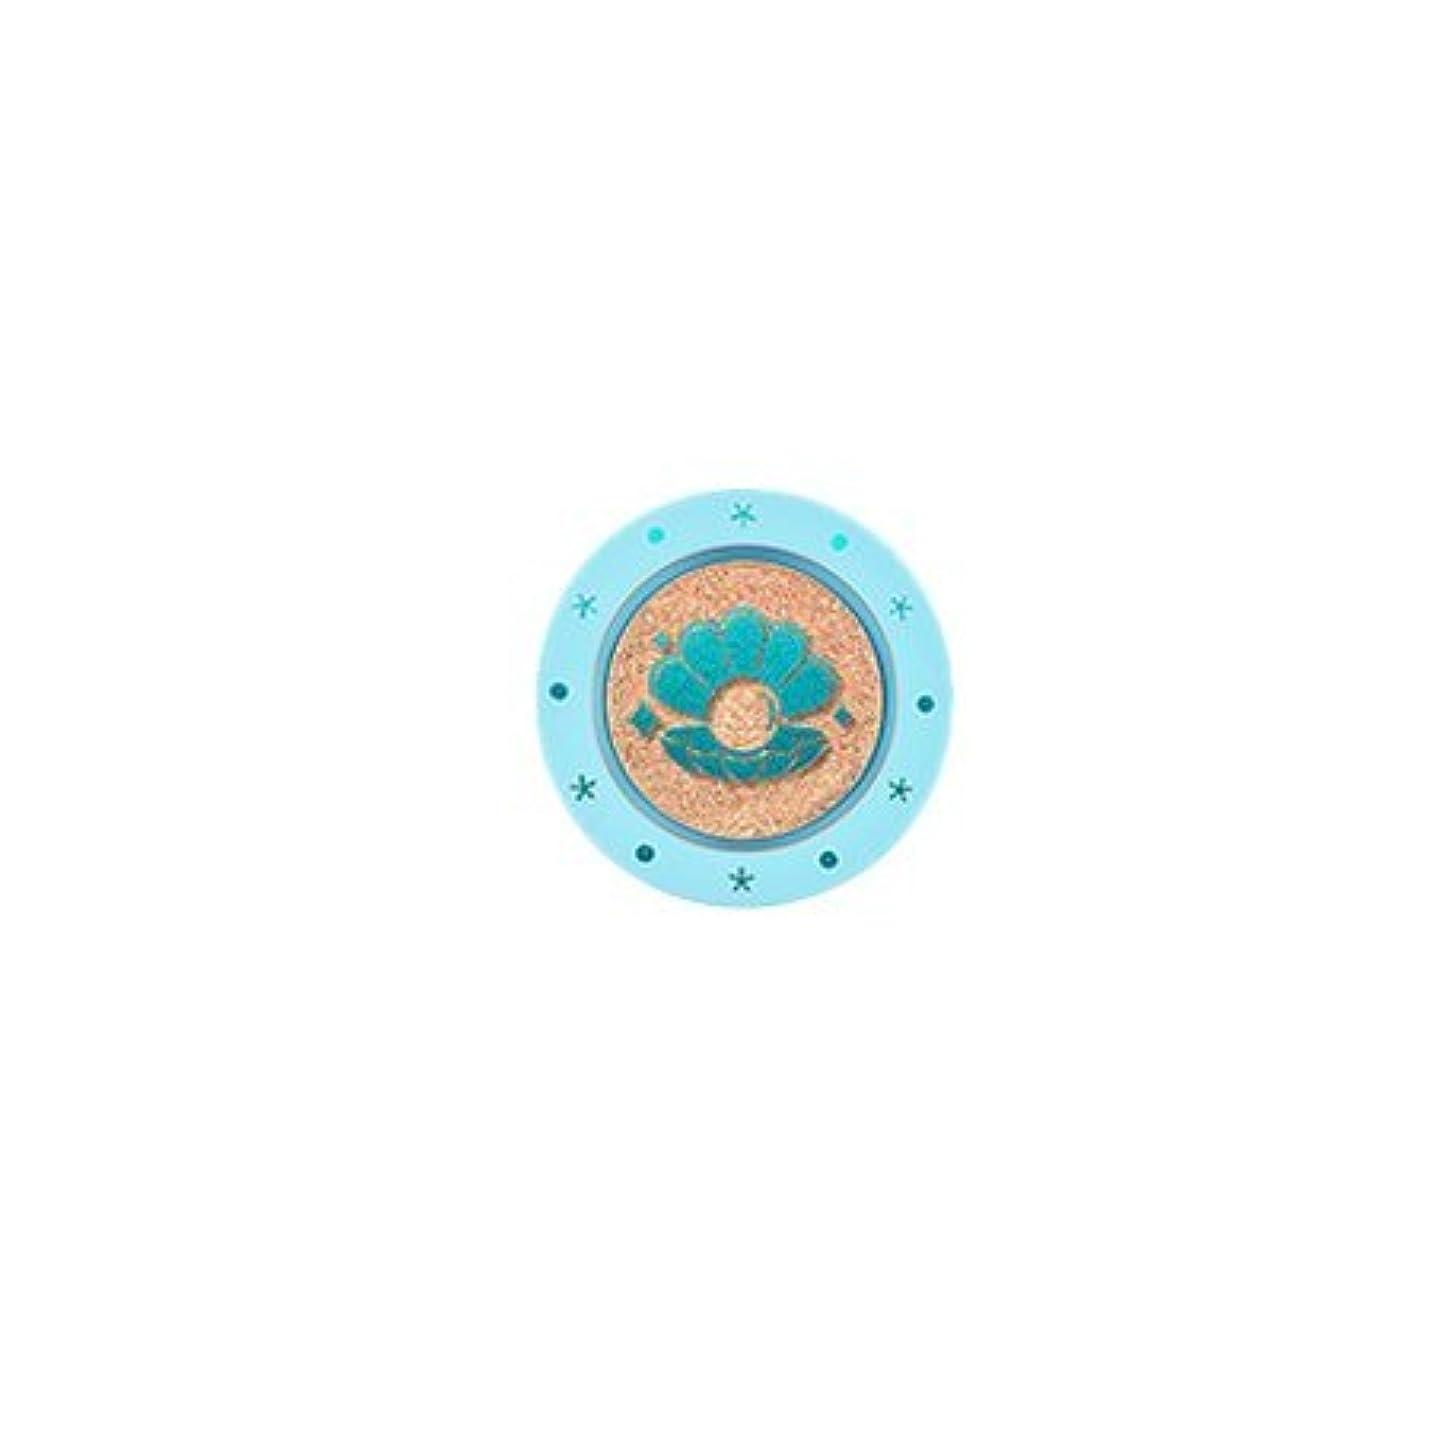 農民トランペット新しさアリタウム マーメイド コレクション モノ アイズ 1.4g / ARITAUM Mono Eyes Mermaid Collection (# S25 Gold Glow) [並行輸入品]